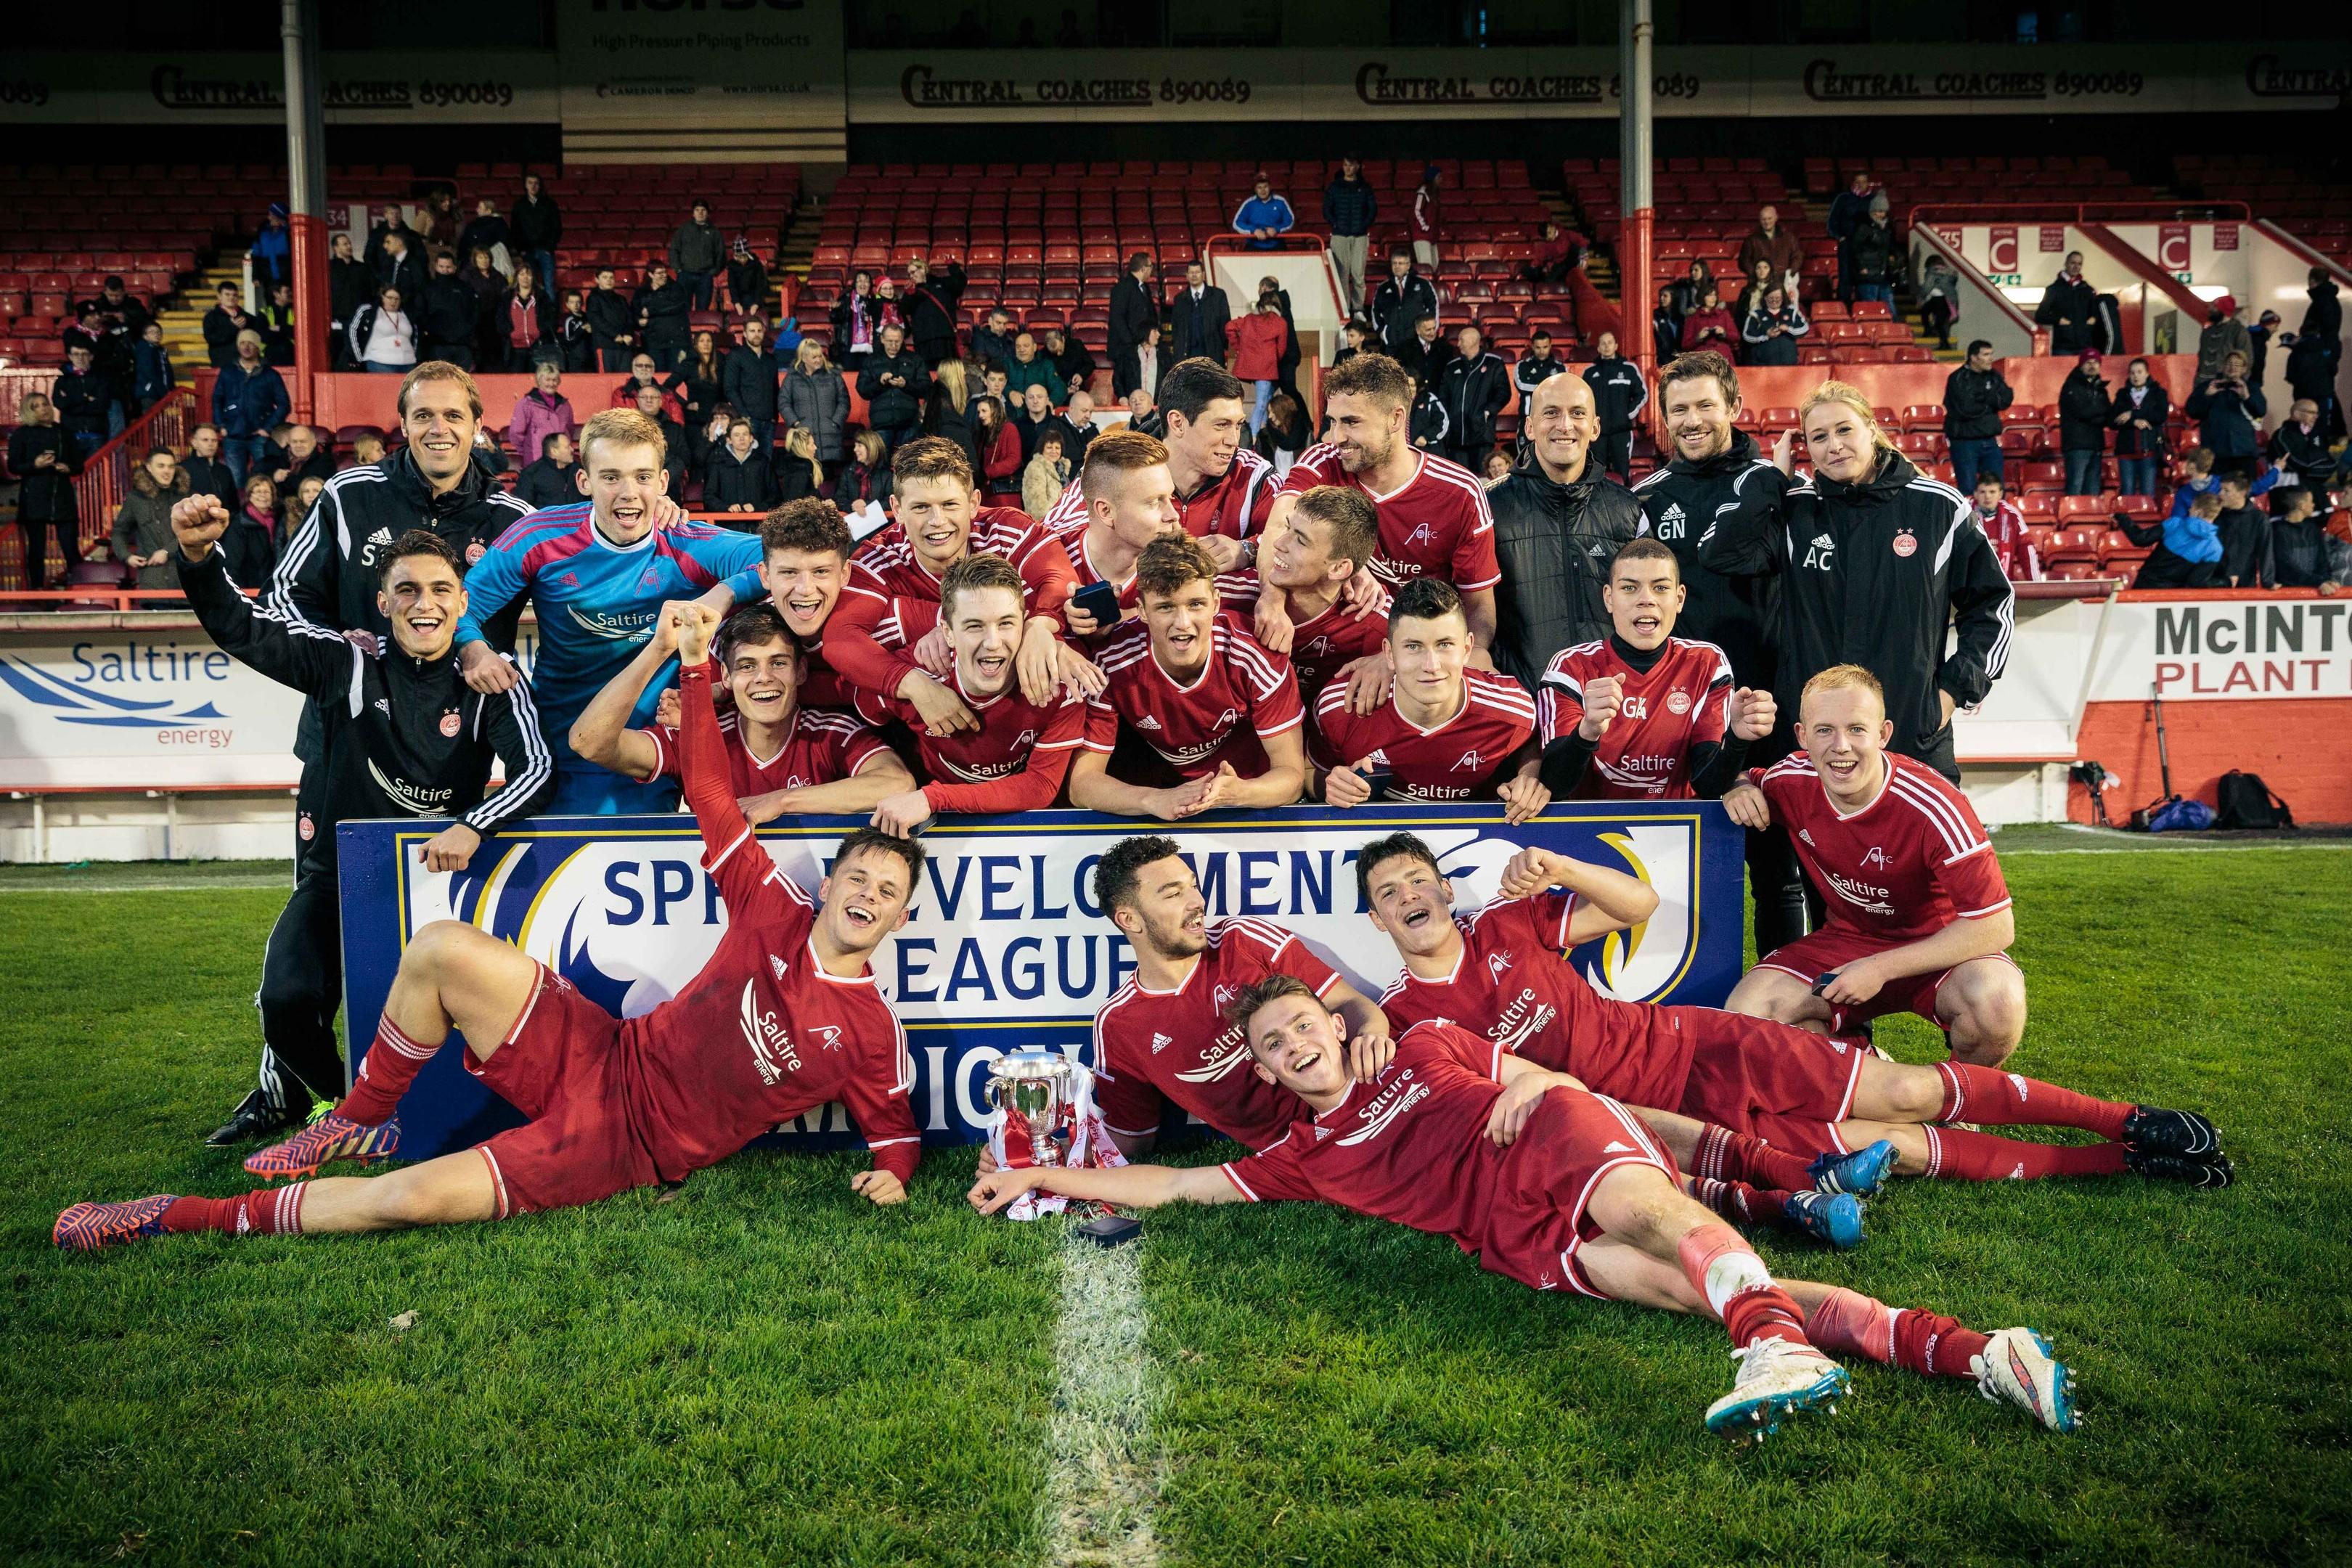 Aberdeen U20s celebrate after winning the SPFL Development League in 2015.